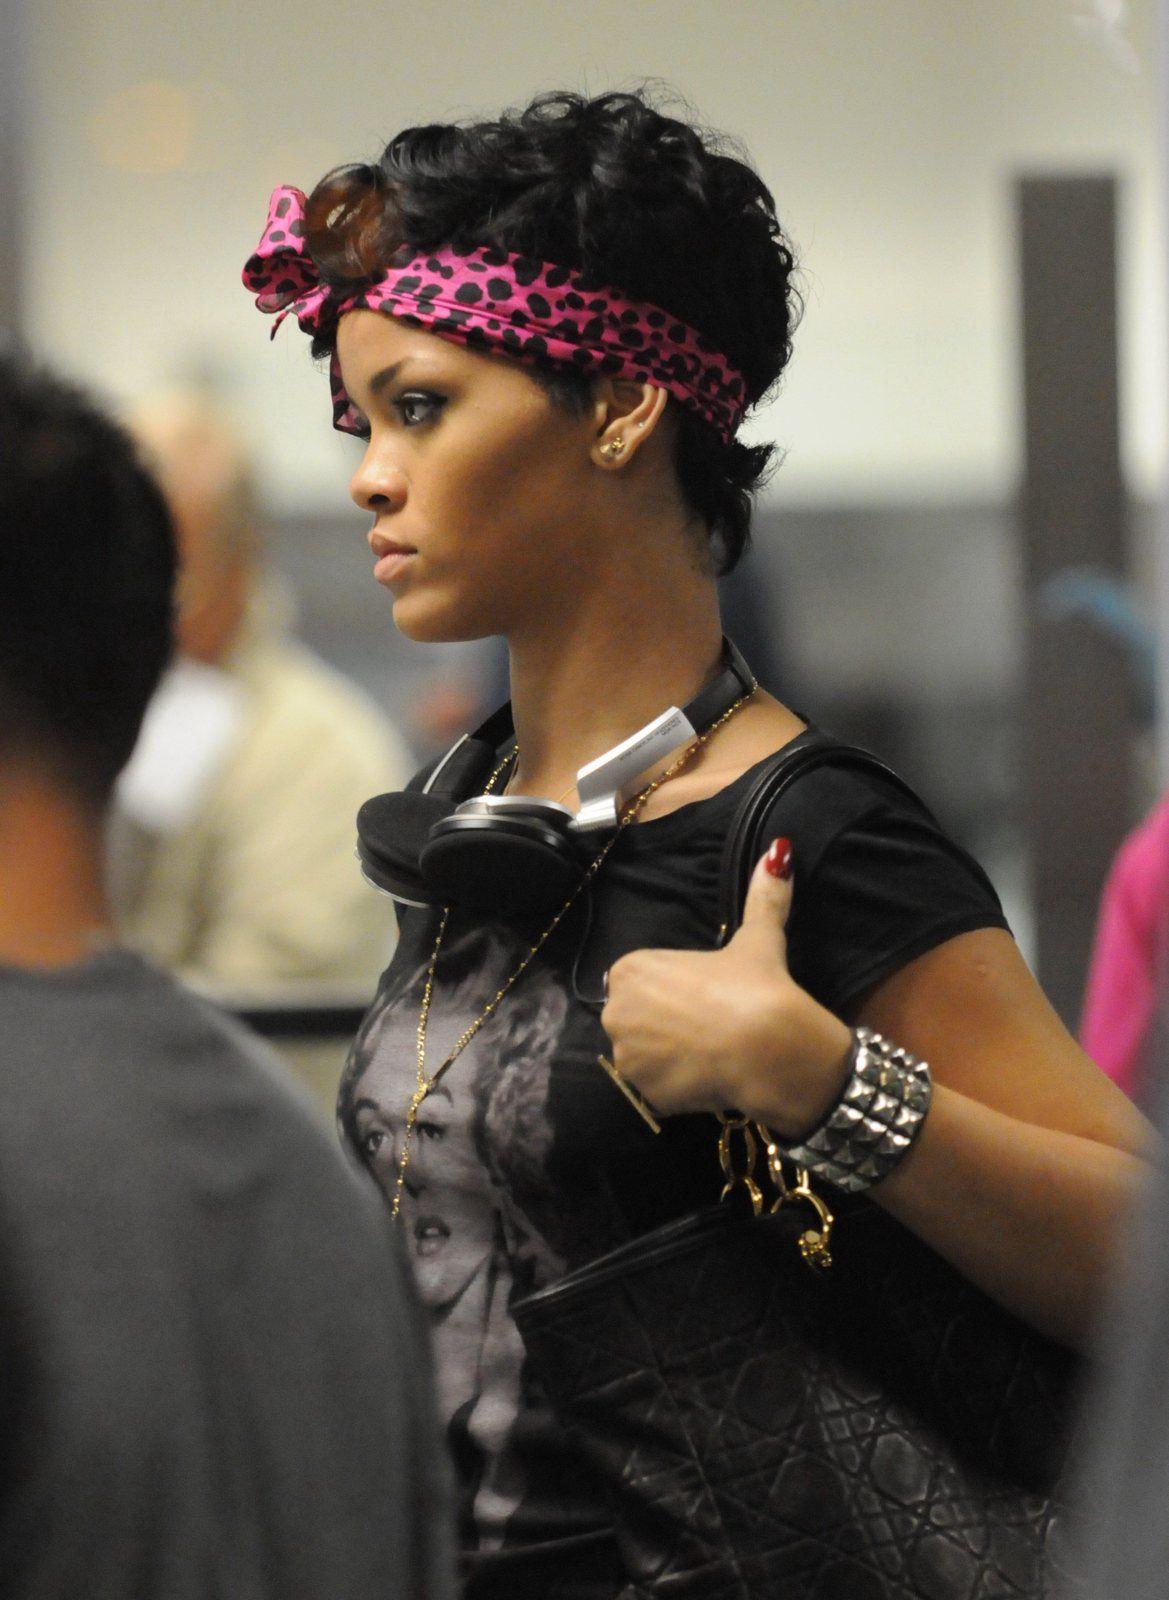 rihanna pink headband   Bandana hairstyles short ...